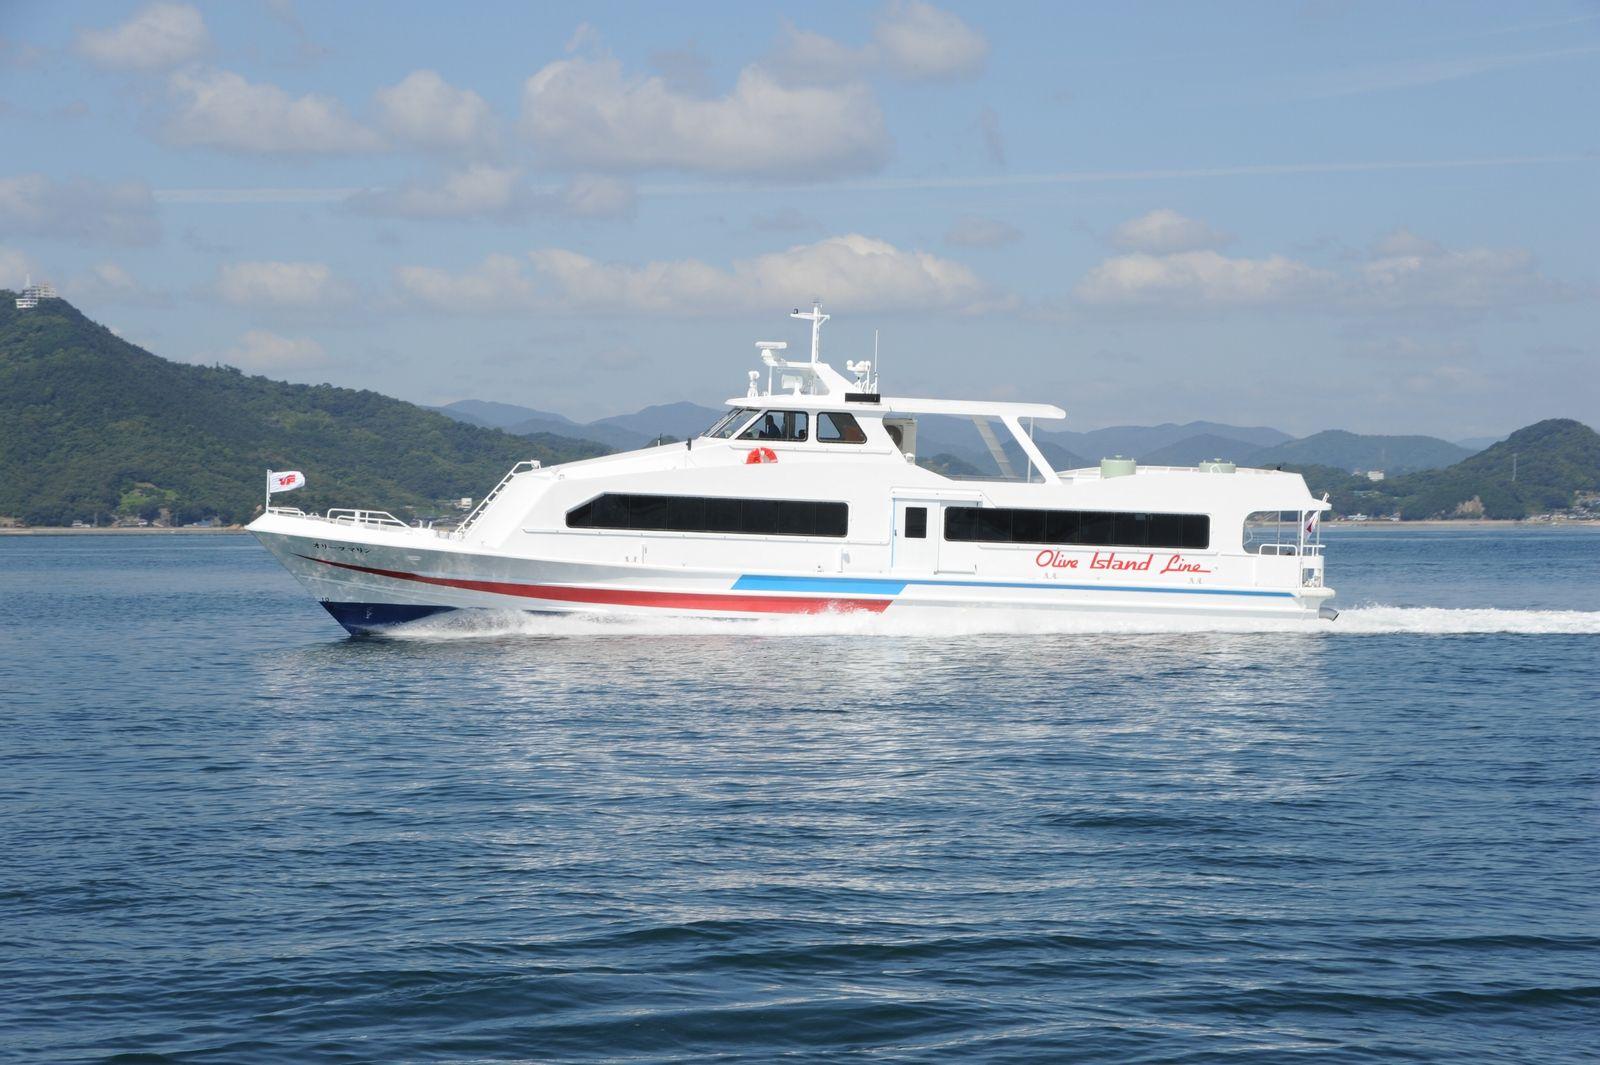 ツネイシクラフト&ファシリティーズ、58総トン型アルミ合金製旅客船「オリーブマリン」を竣工・引渡